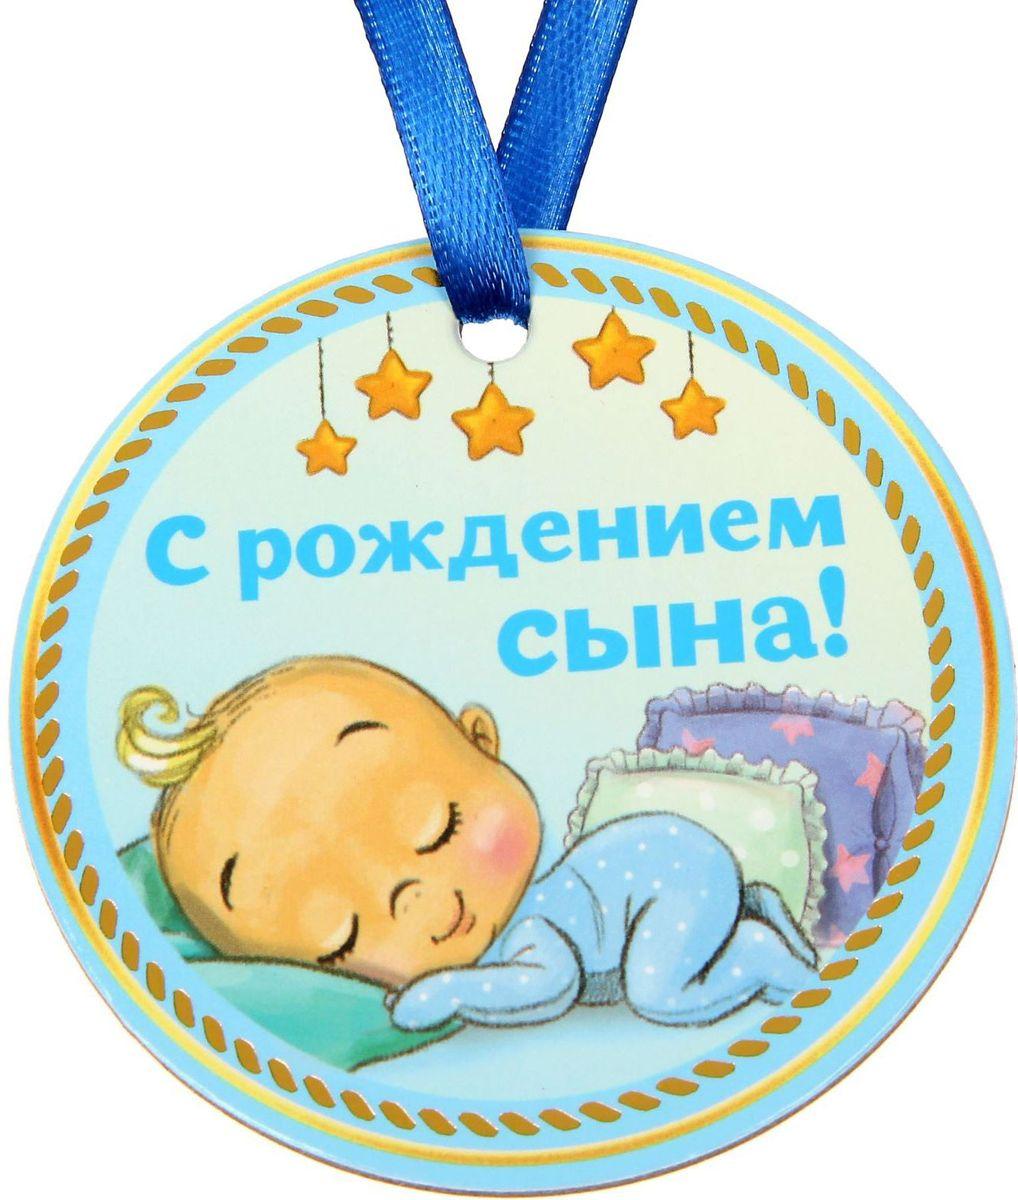 Открытки для, поздравить подругу с рождением сына картинки